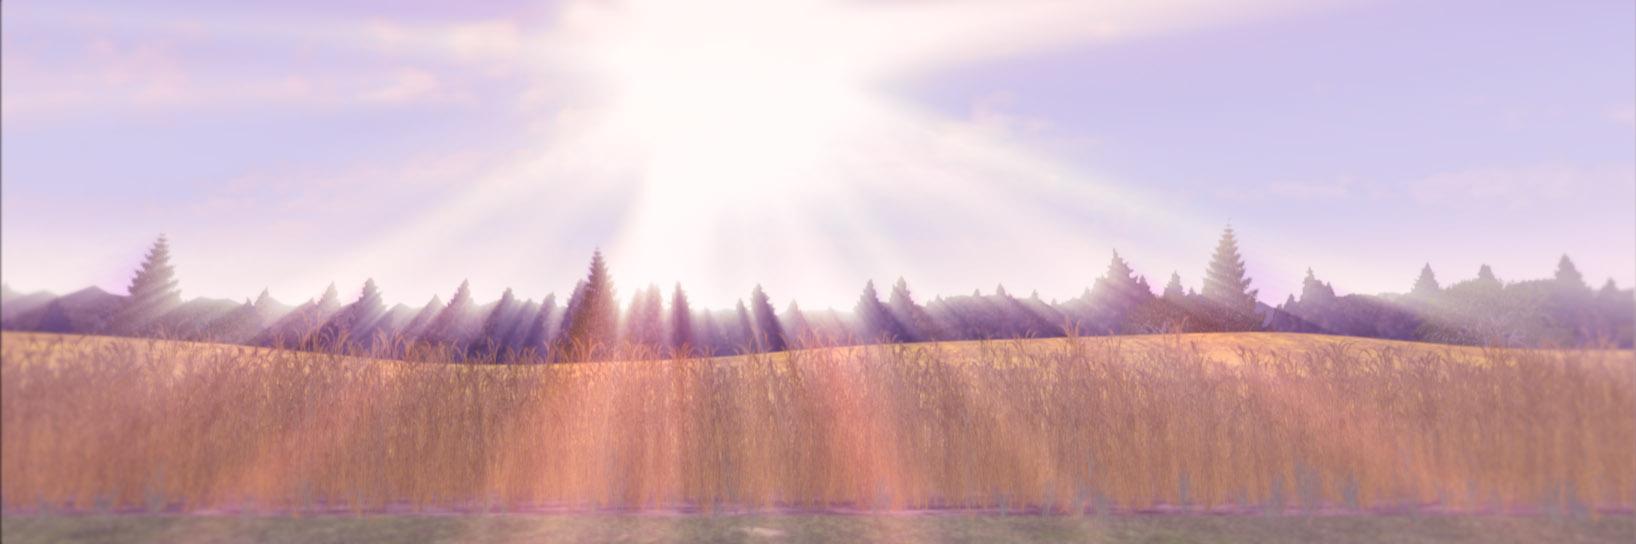 FIERA_wheat2.jpg